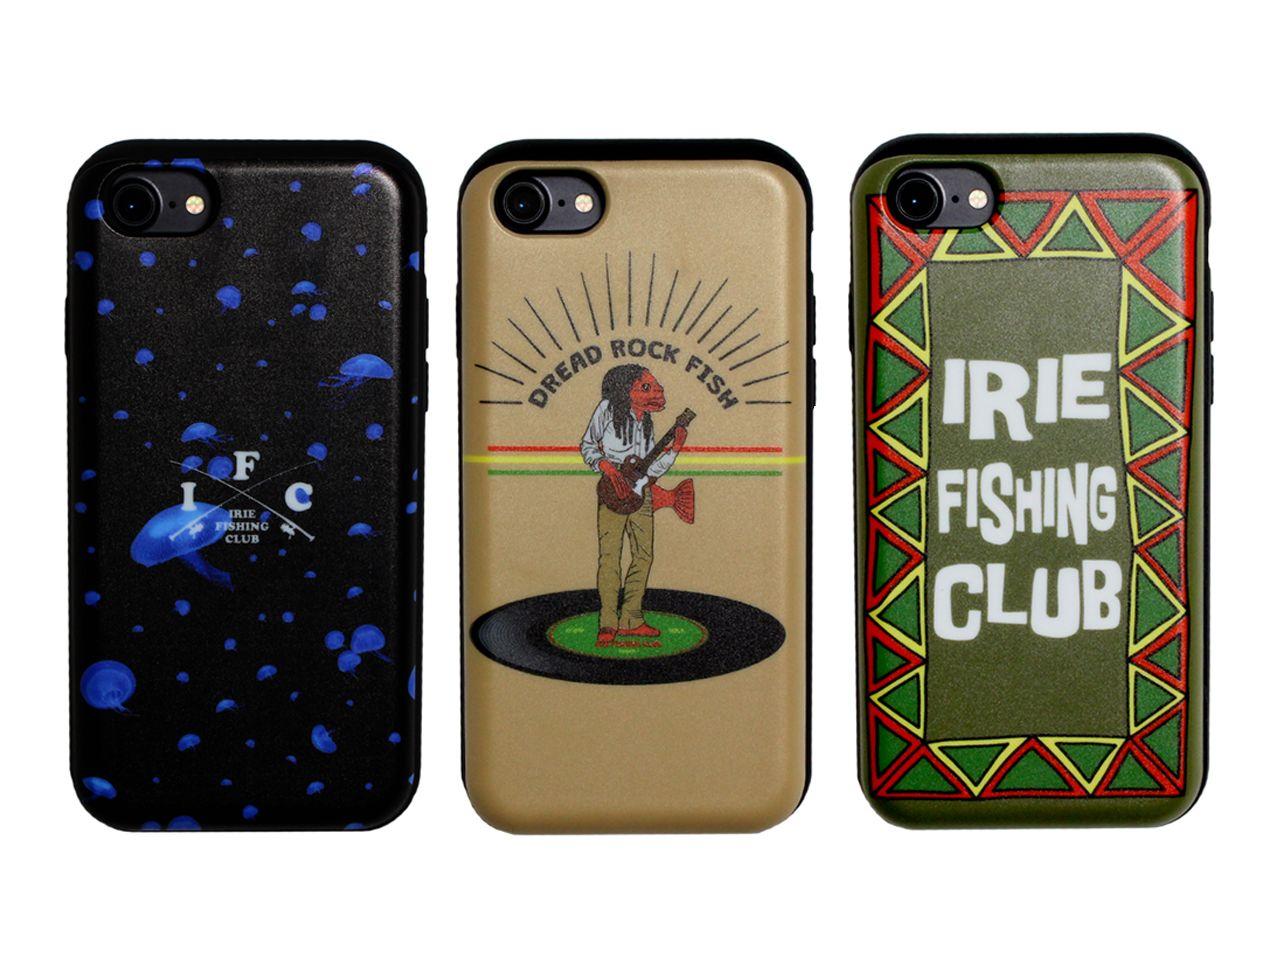 I.F.C CARD SLIDE iPhone CASE -IRIE FISHING CLUB-